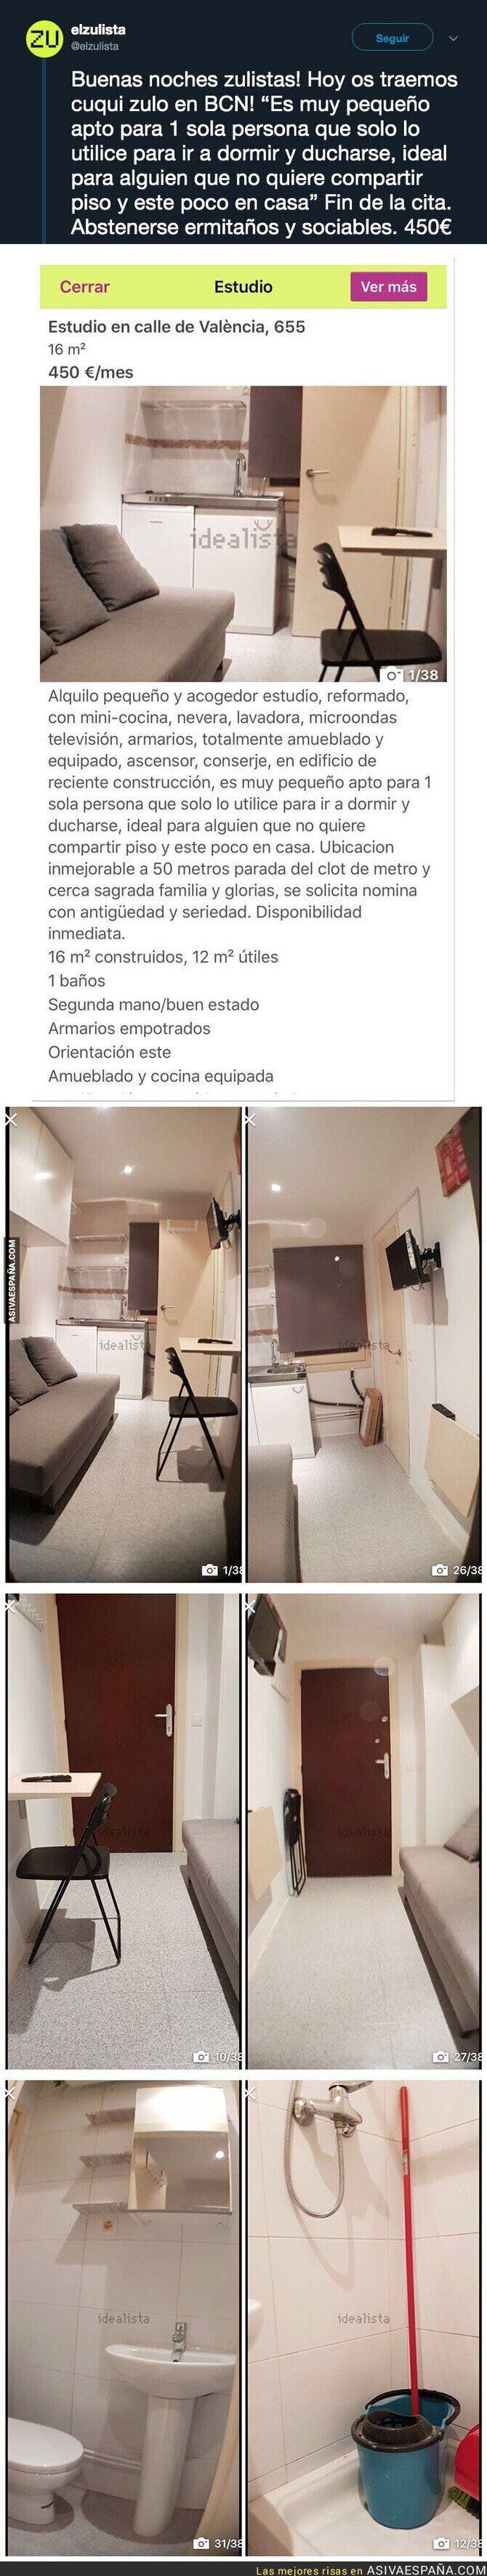 114587 - El denunciable piso que alquilan en Barcelona de 12 metros cuadrados habitables